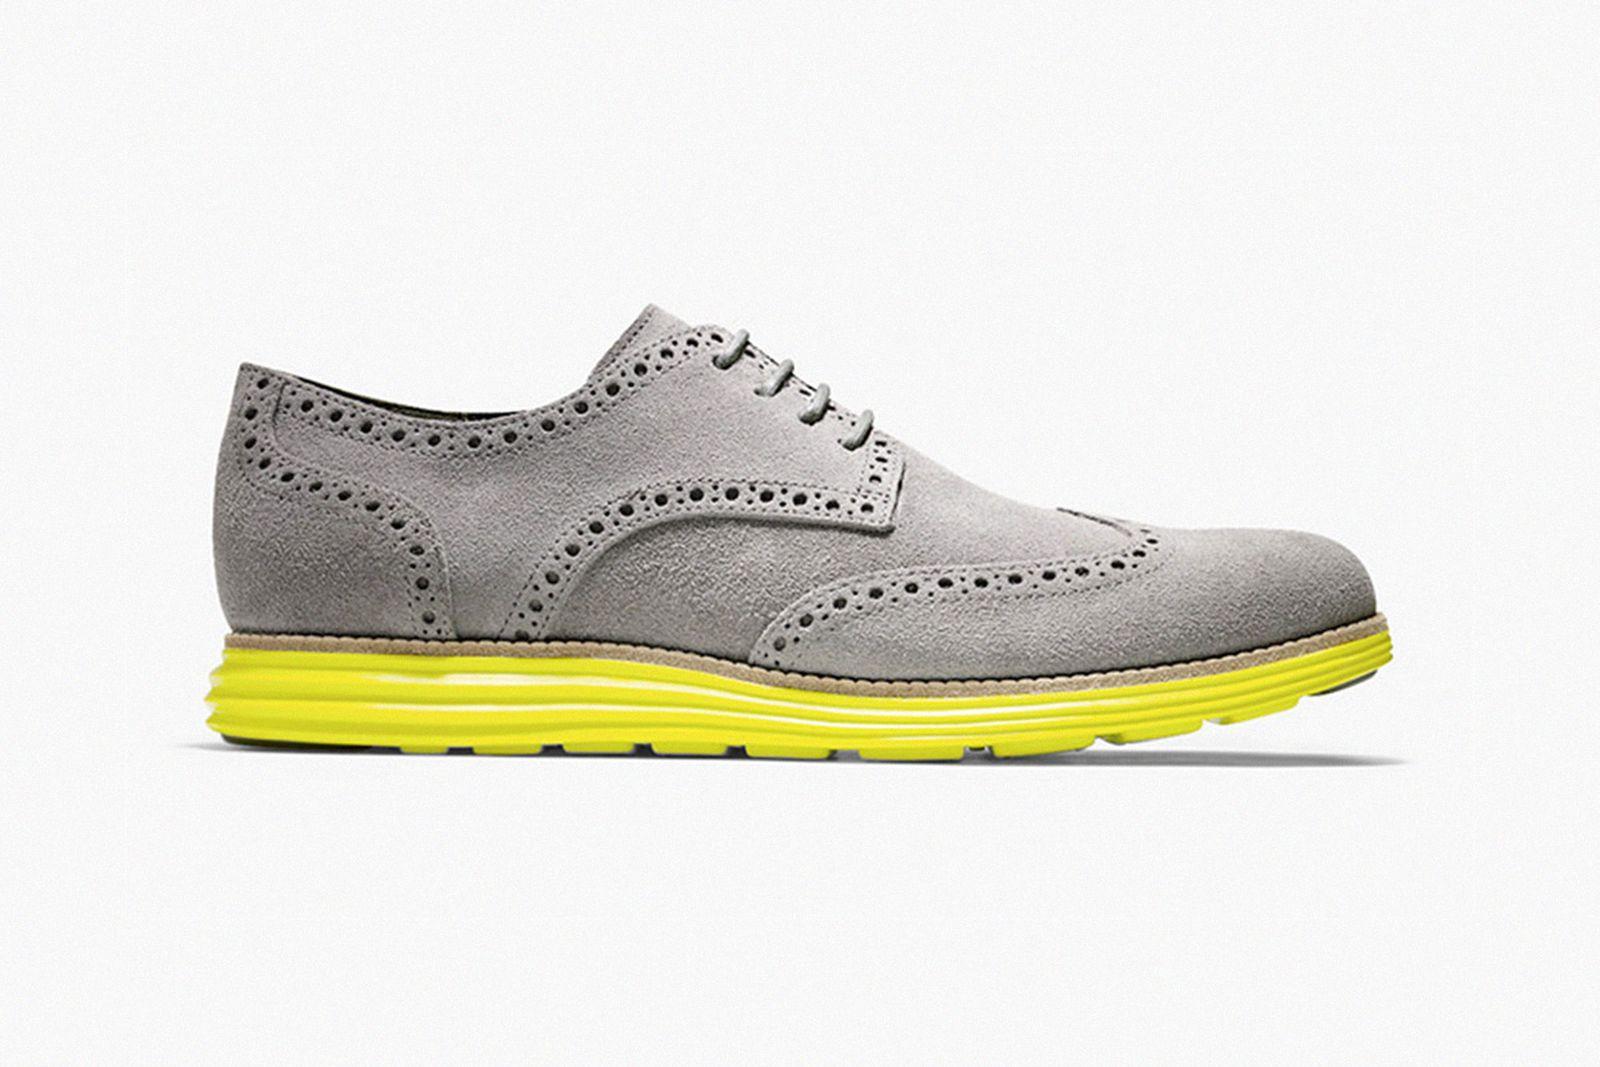 ndustry insiders reveal favorite non sneaker footwear choices Loewe cole haan dior